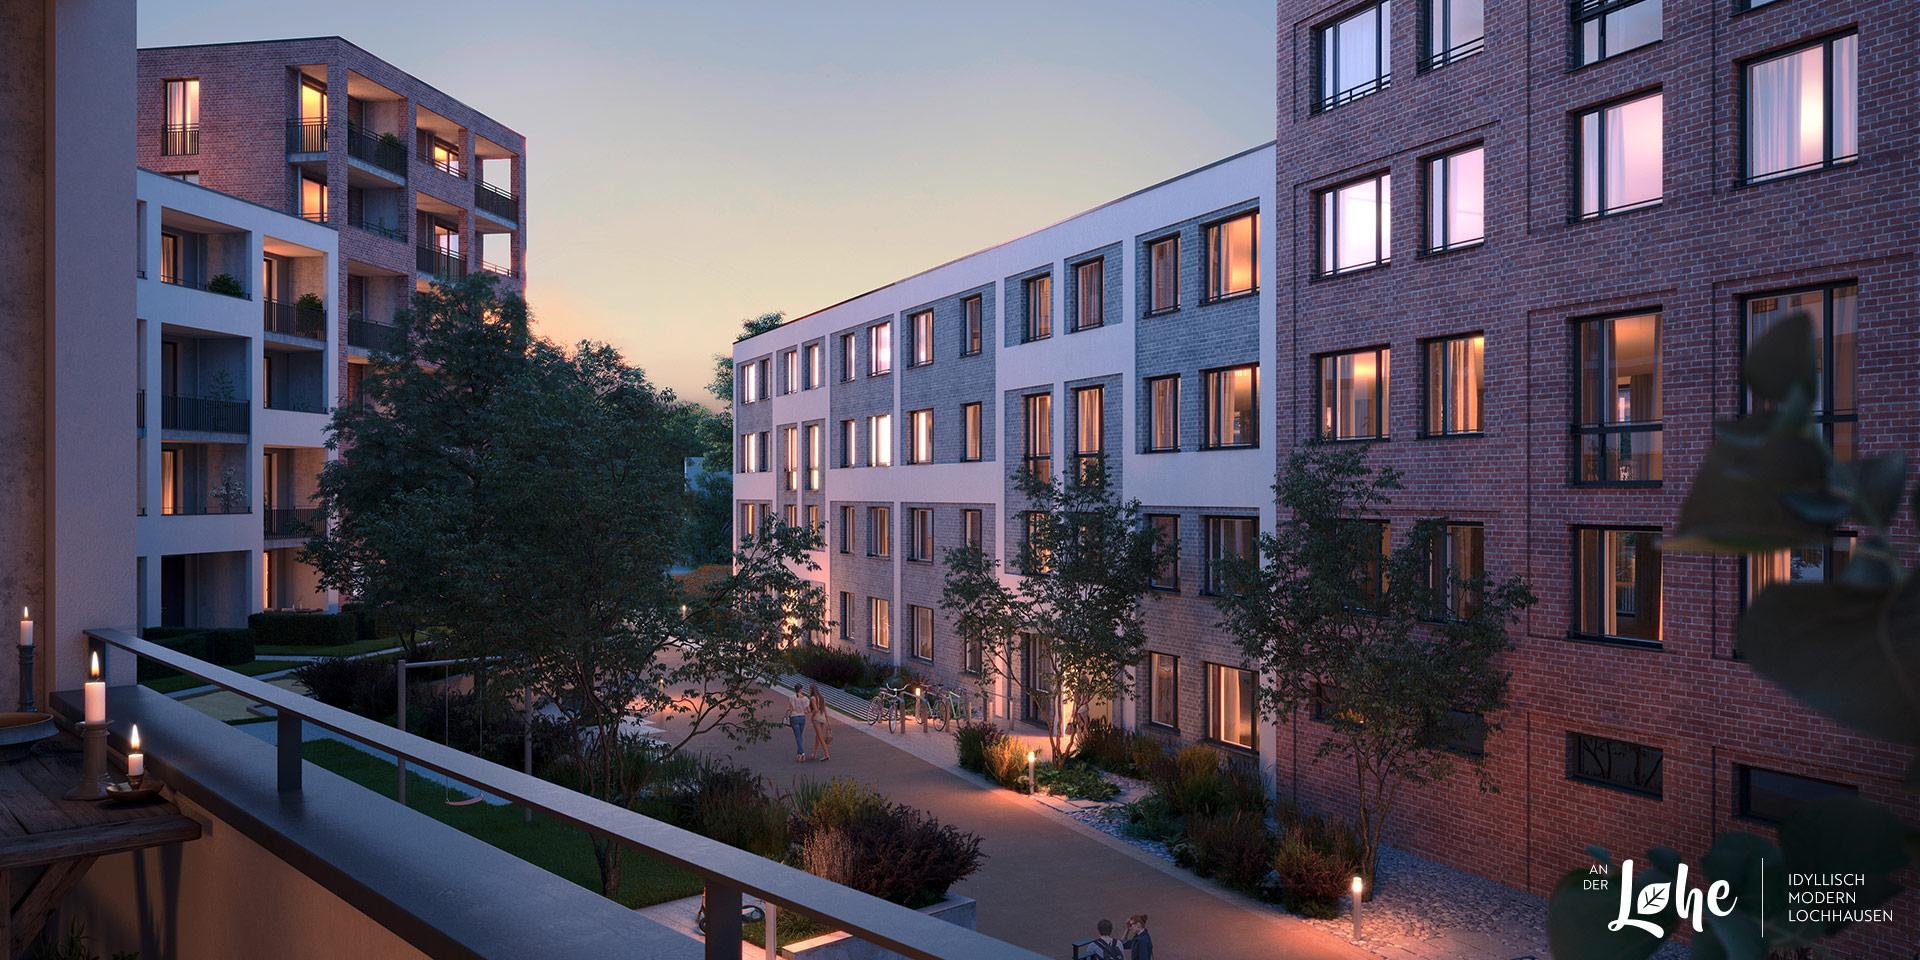 Eigentumswohnungen München: An der Lohe